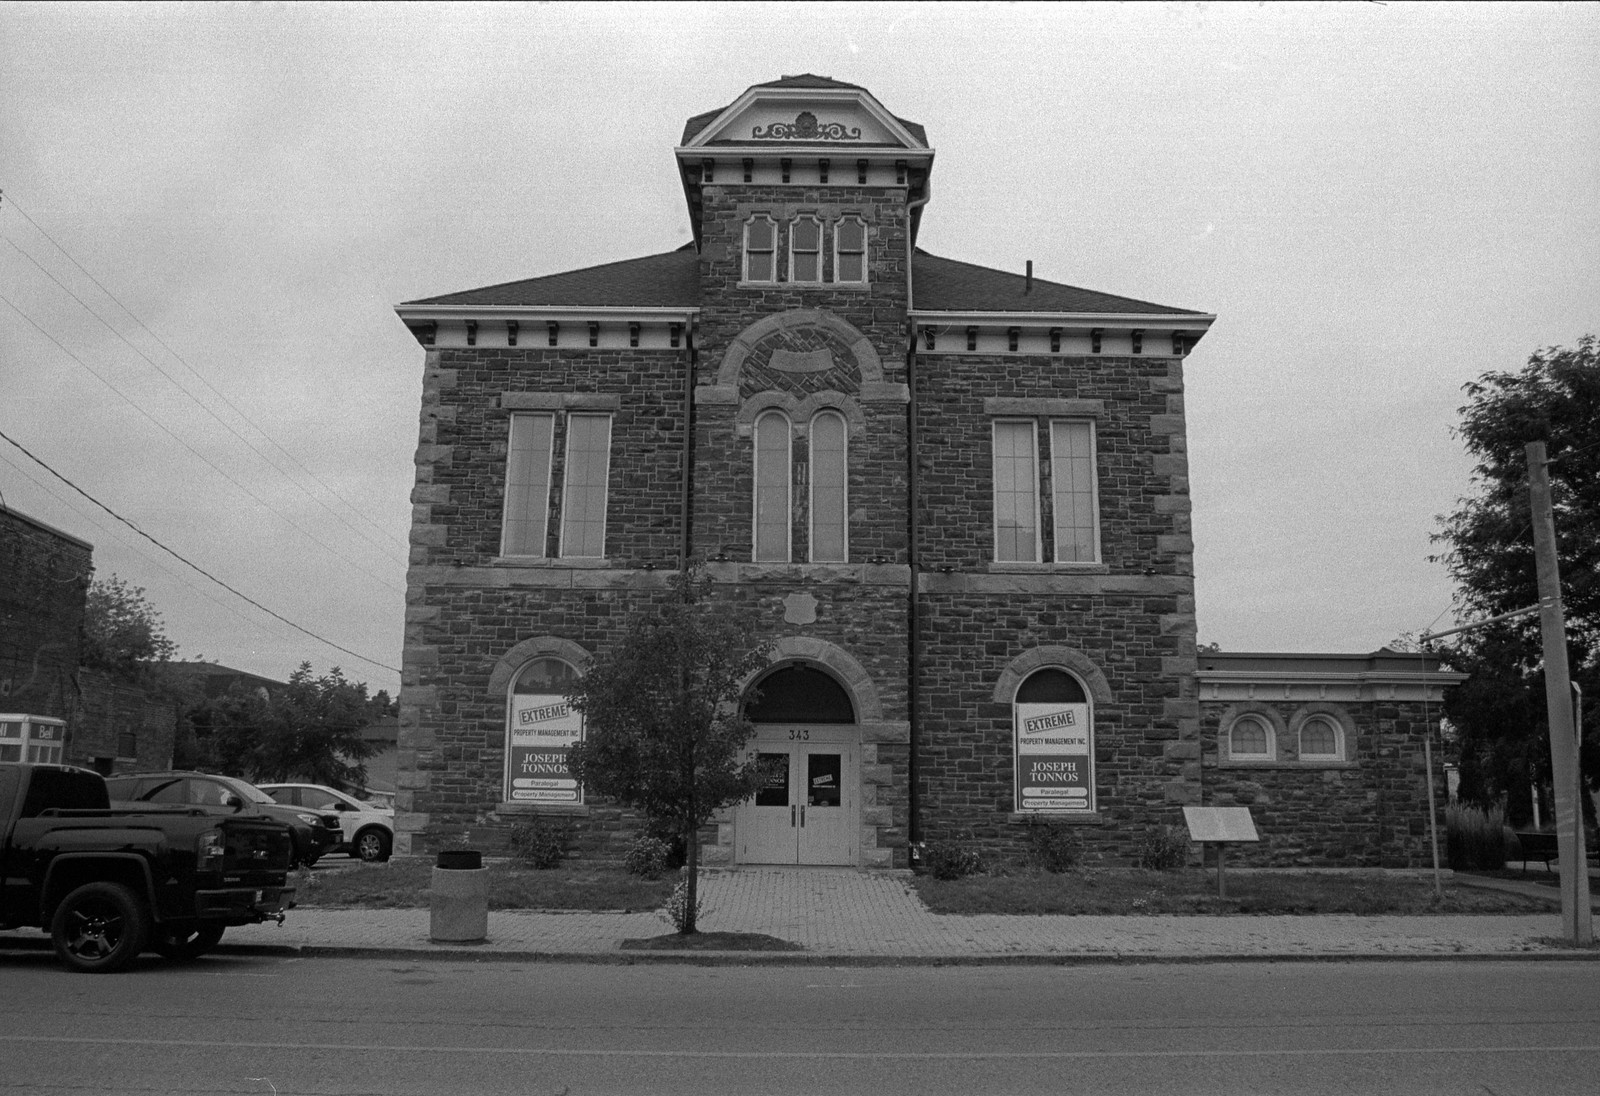 Old Merritton